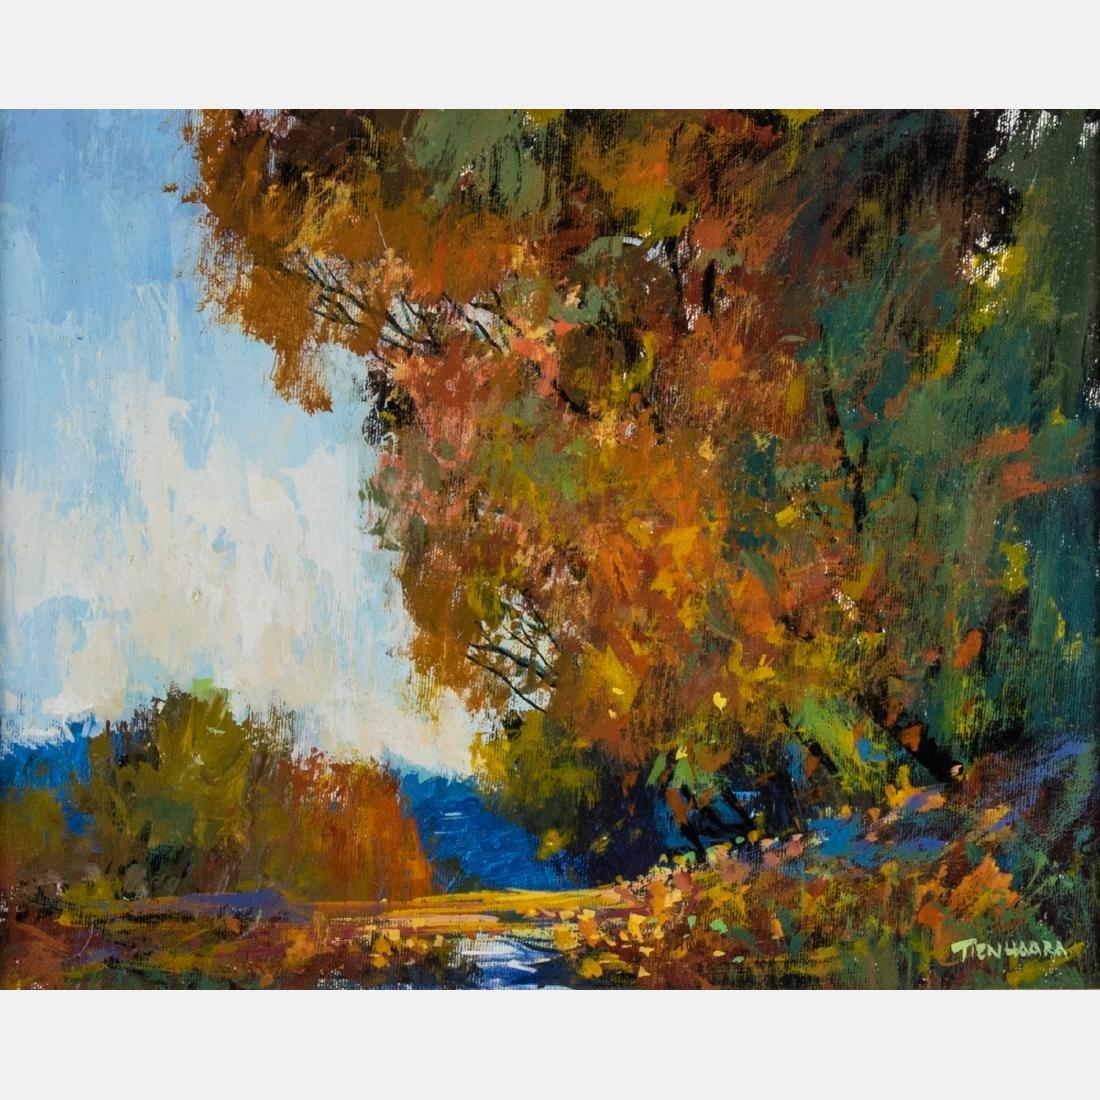 Michael Tienhaara (20th Century) Nature Sings, Oil on